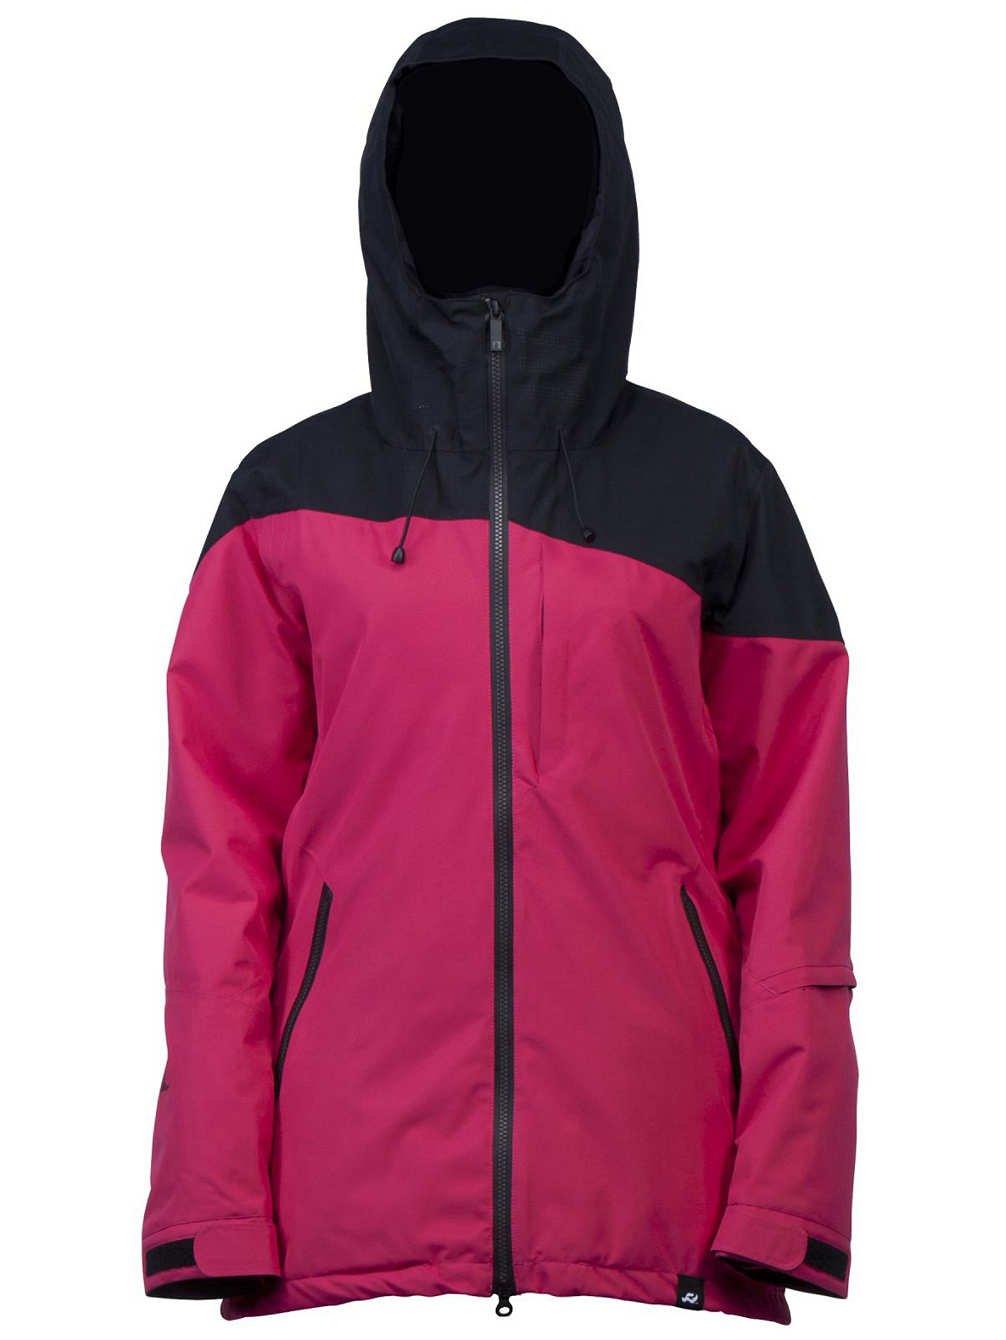 Damen Snowboard Jacke Ride Genesee 2.5L Jacket